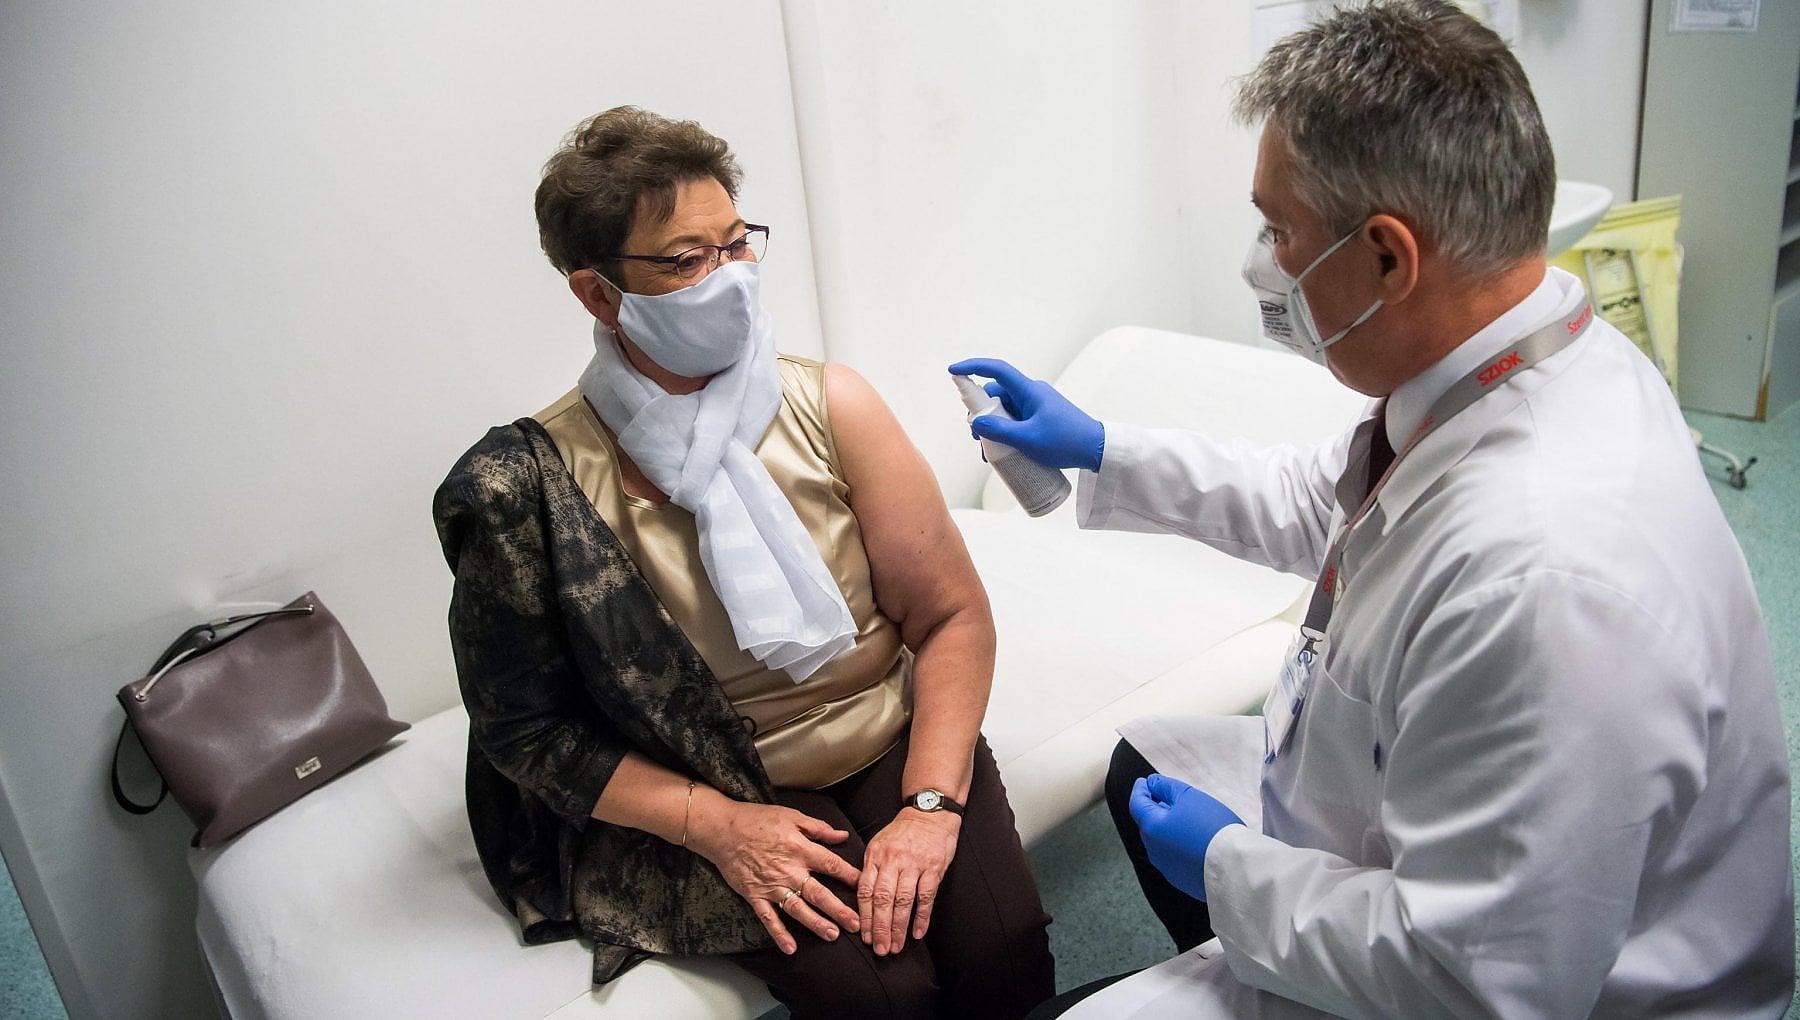 """172639697 85b301e0 30b6 4e66 9a98 12ef9b440d0a - Alessandro Siani: """"Troppe varianti del virus? I vaccini possono essere facilmente adattati alle mutazioni"""""""